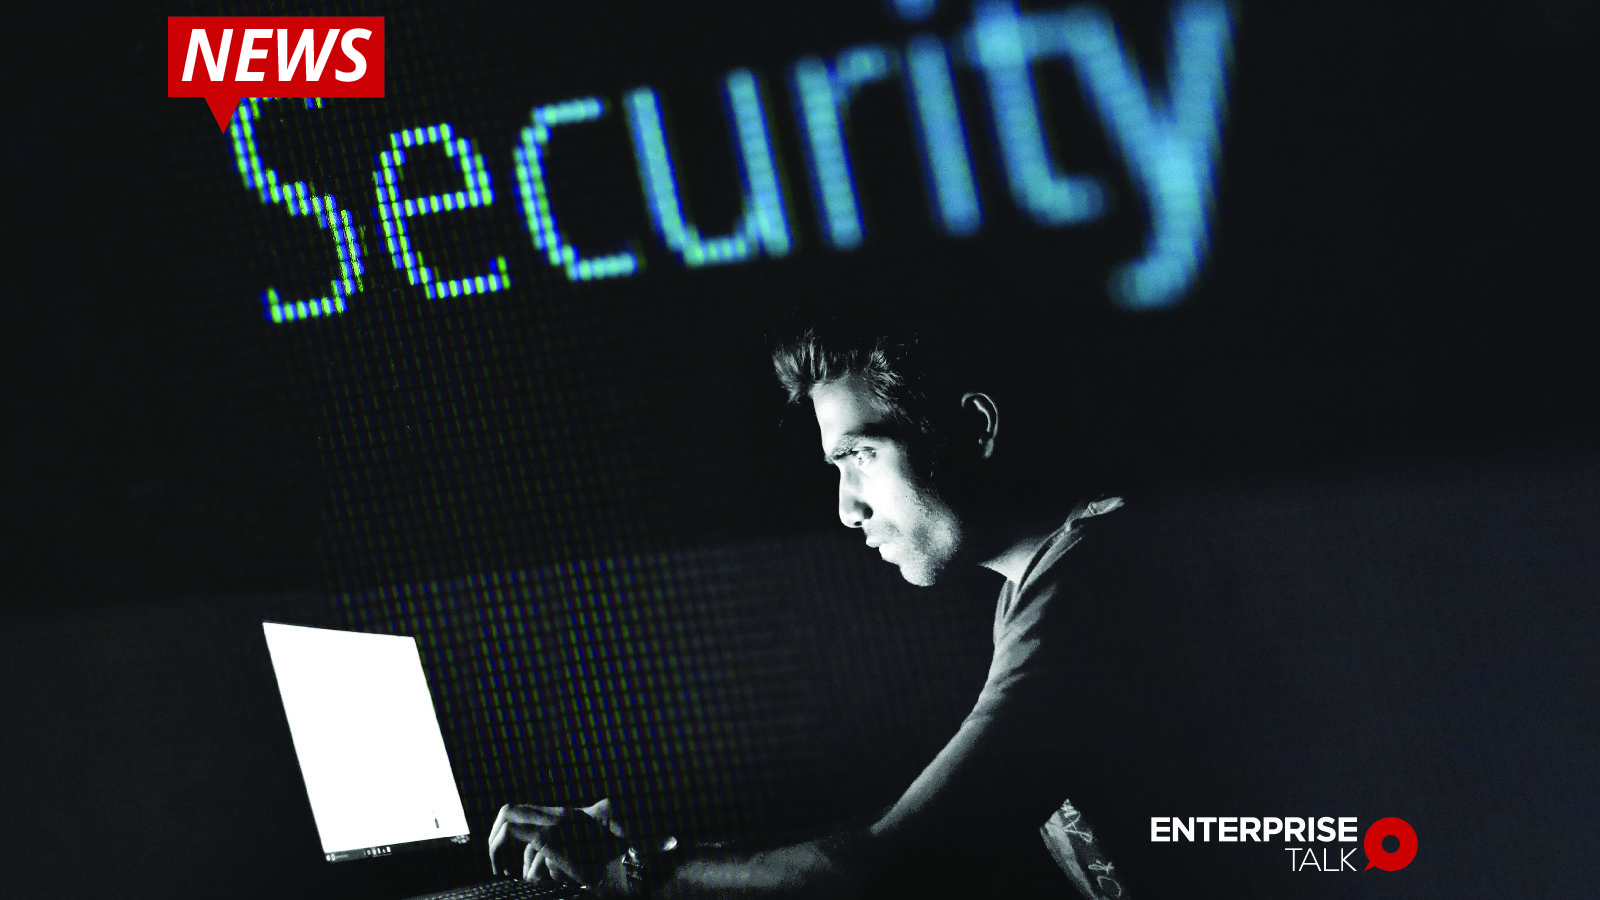 SafeBreach, breach-and-attack simulation